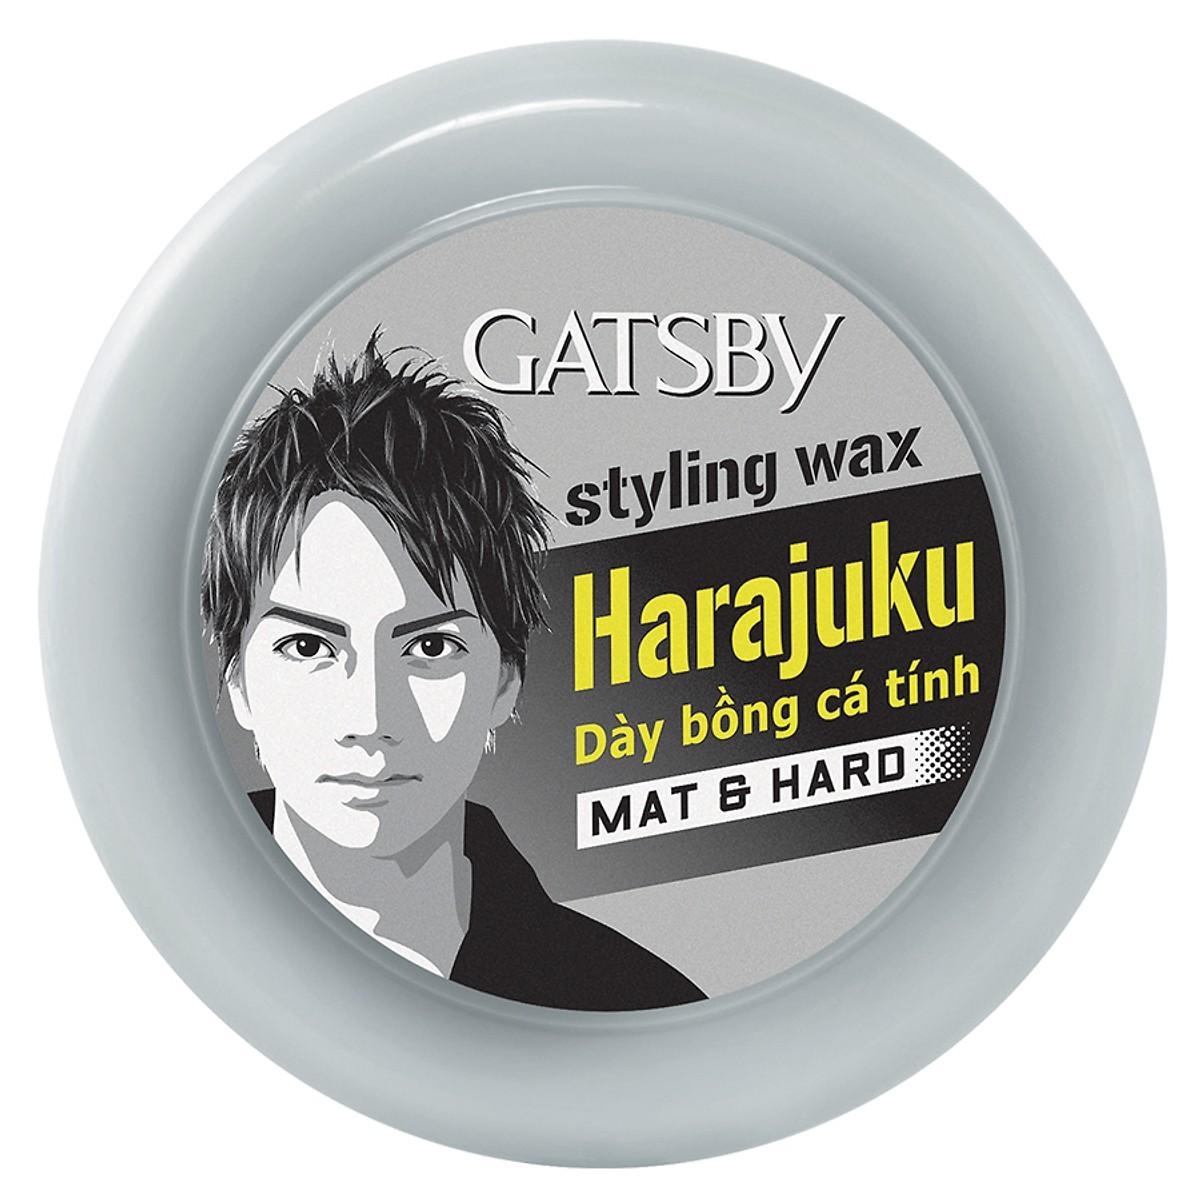 Sáp vuốt tóc tạo kiểu tóc Gatsby M&H Đen 75g